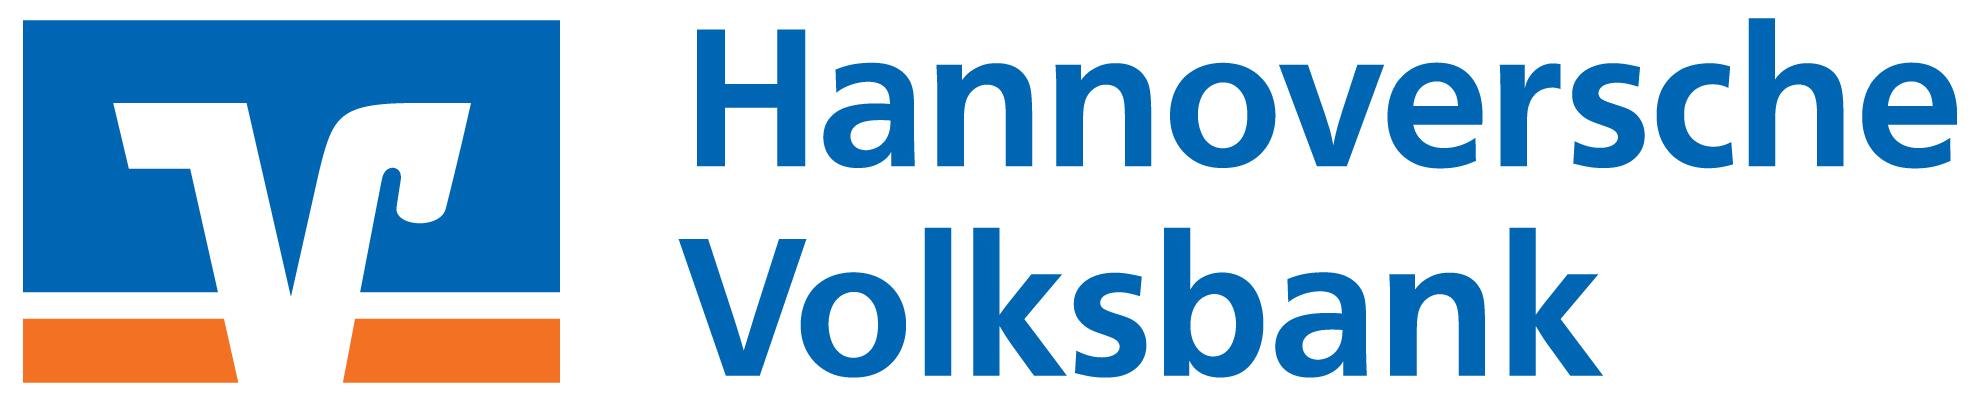 Hannoversche Volksbank eG BeratungsCenter Bad Nenndorf